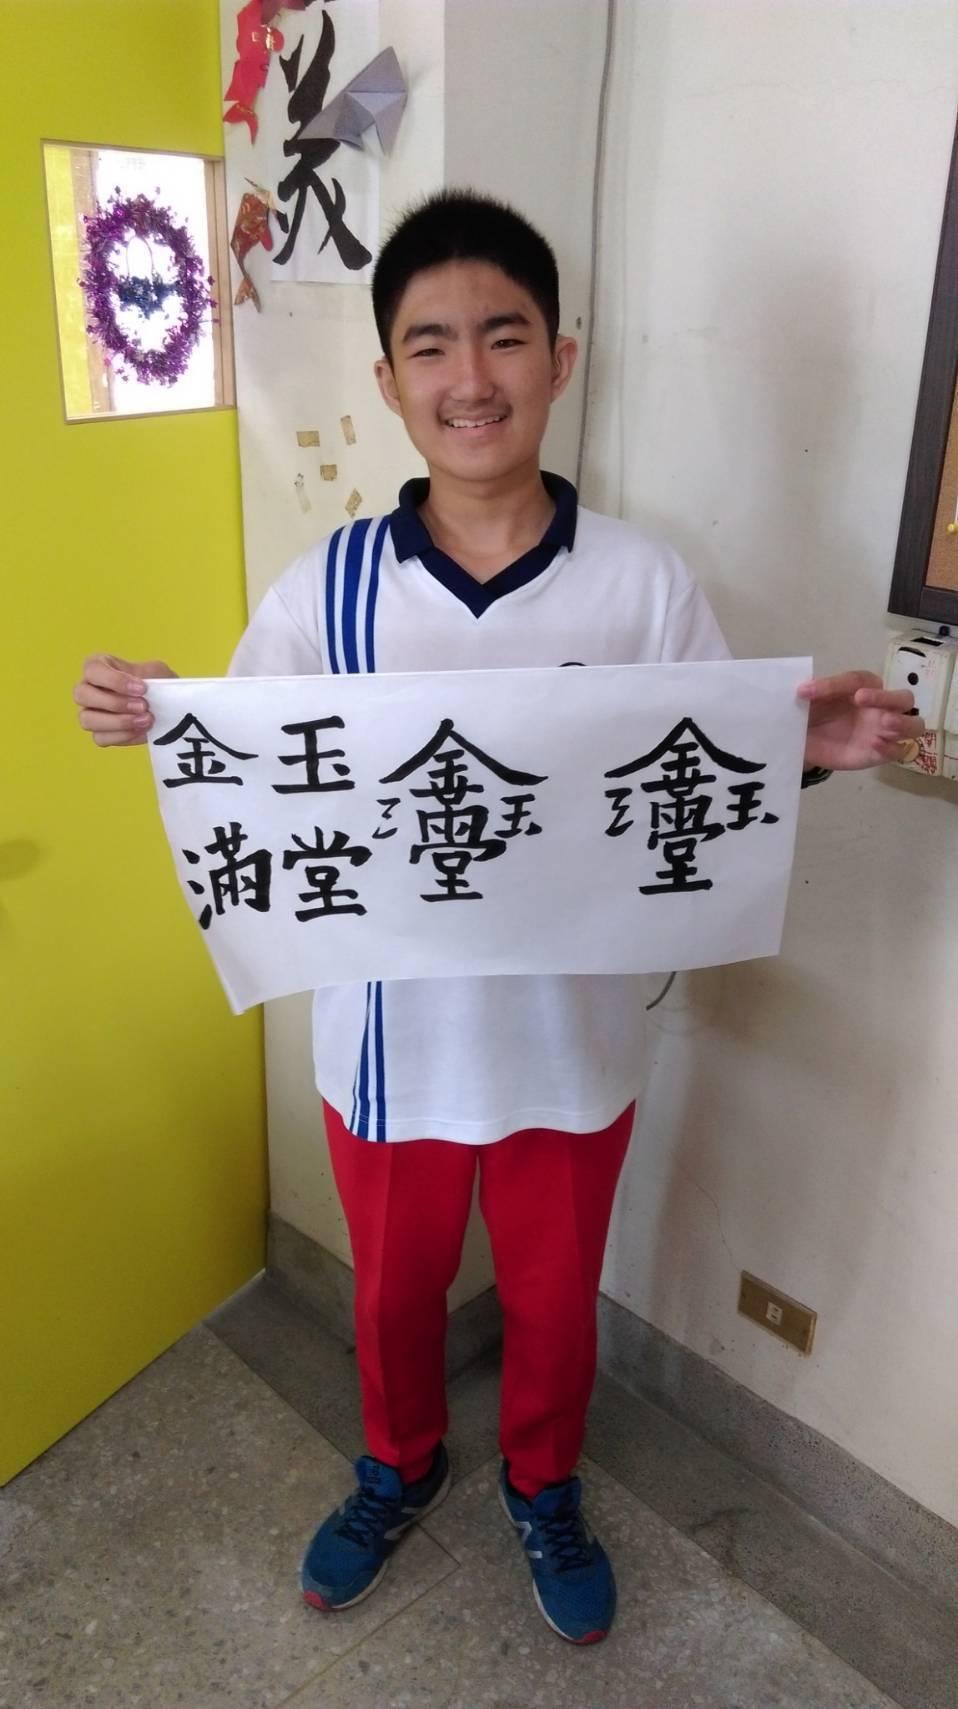 台南大學附屬啟聰學校國二學生蔡銘祥,獲全國總統教育獎特優肯定。 南大附聰/提供